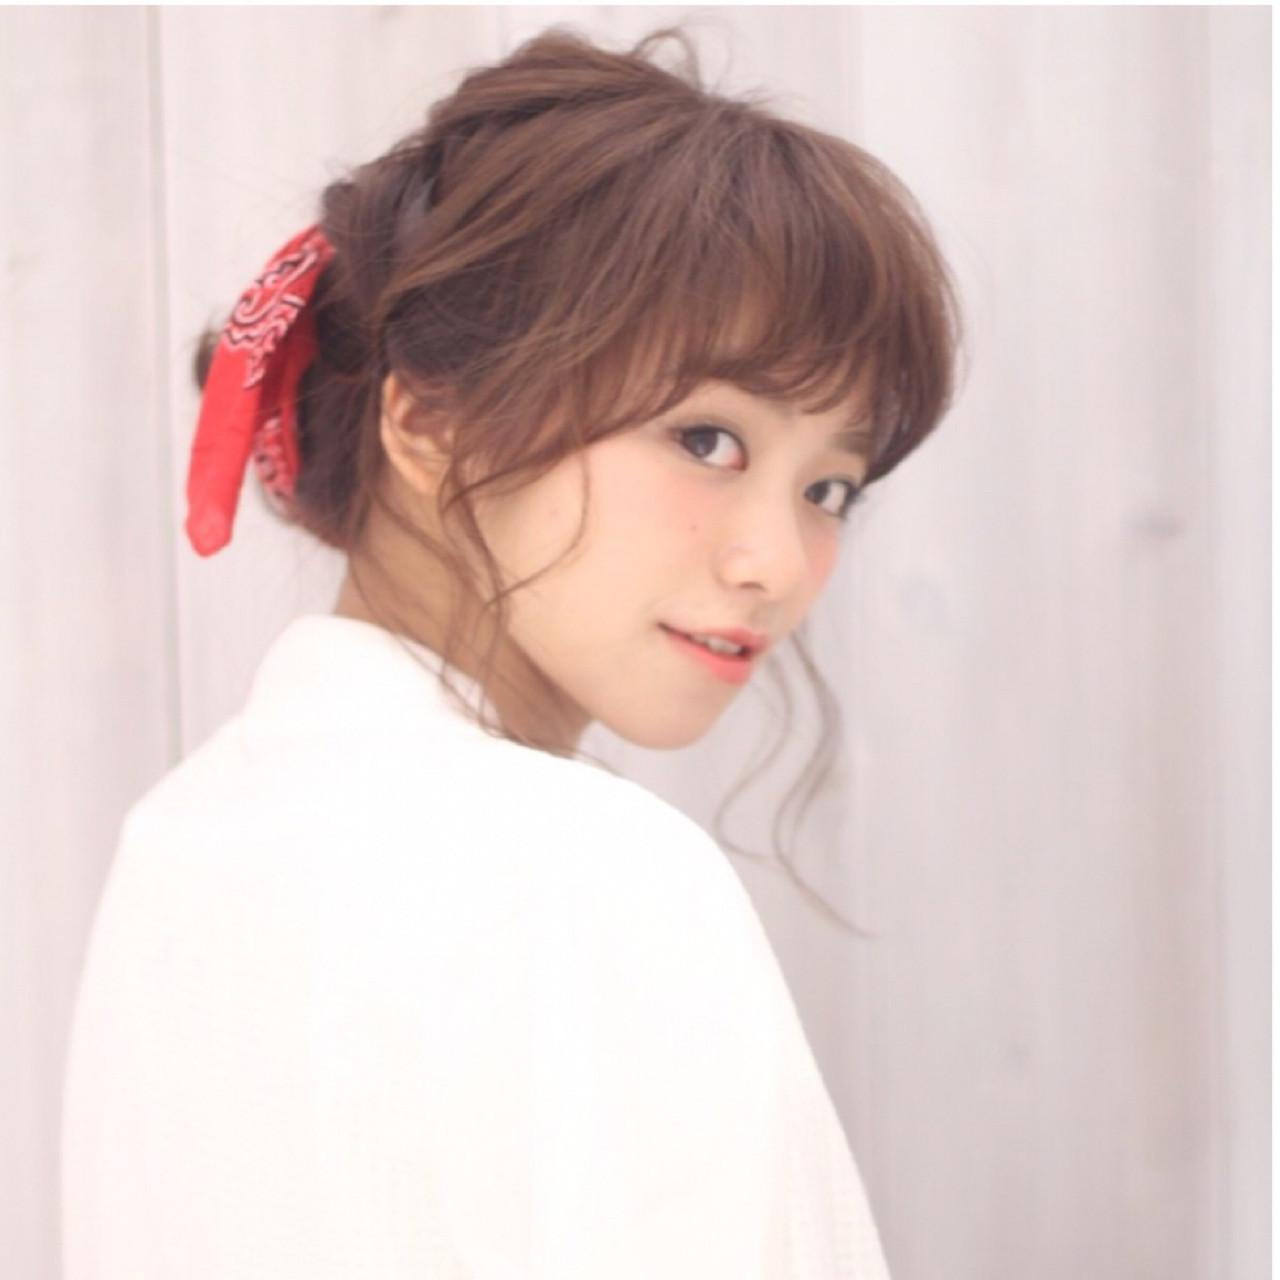 バンダナ セミロング ラフ ヘアアレンジ ヘアスタイルや髪型の写真・画像